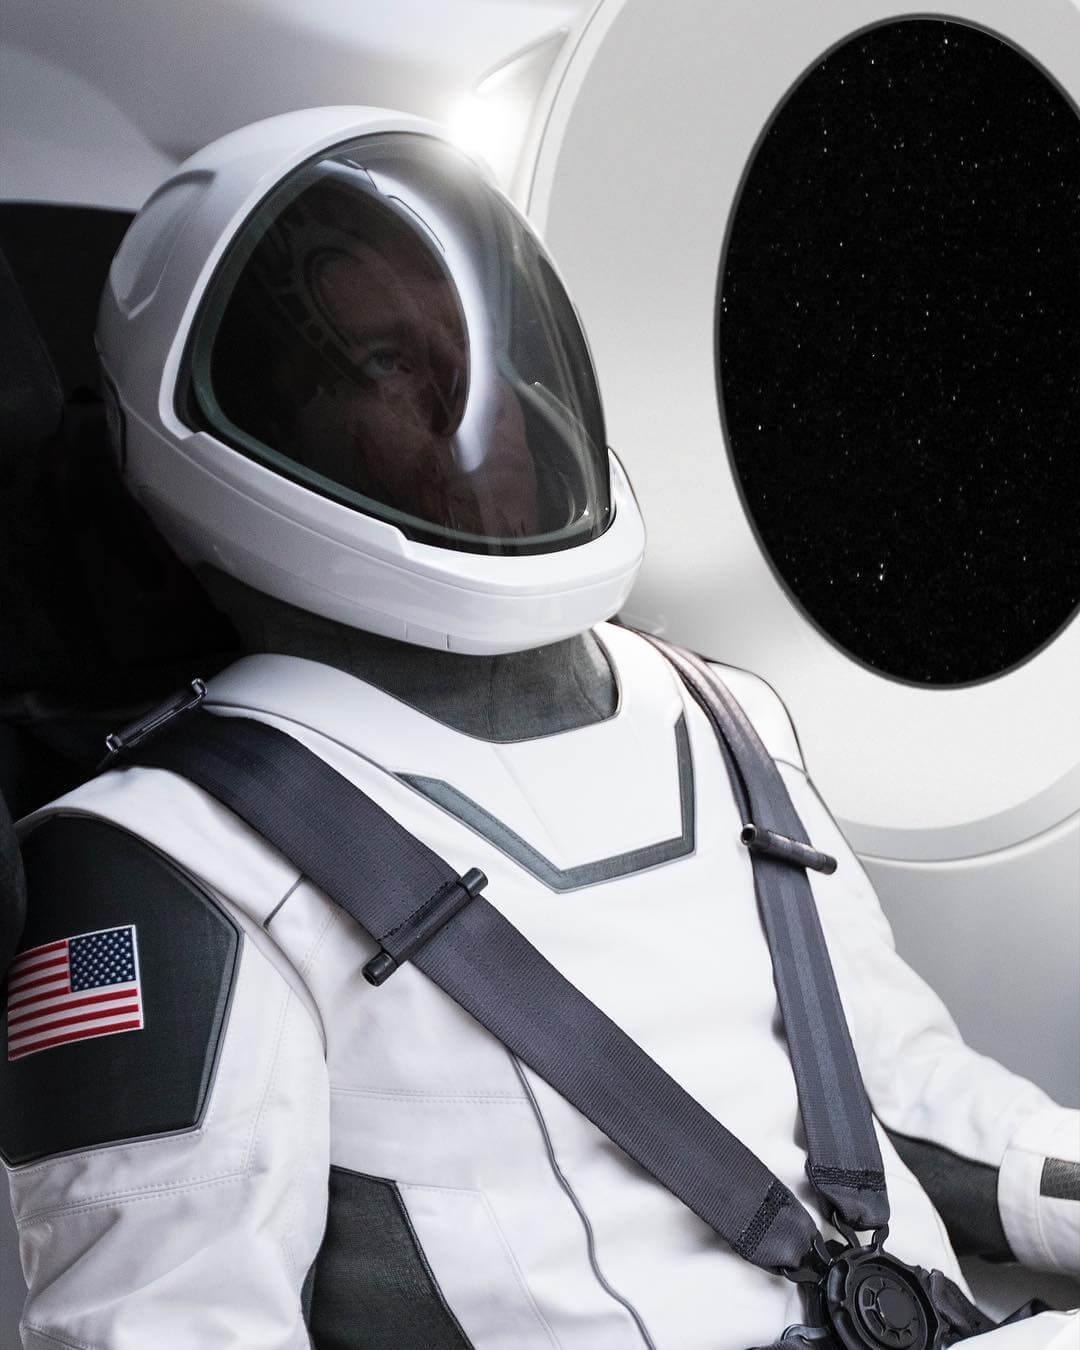 Илон Маск впервые продемонстрировал скафандр SpaceX